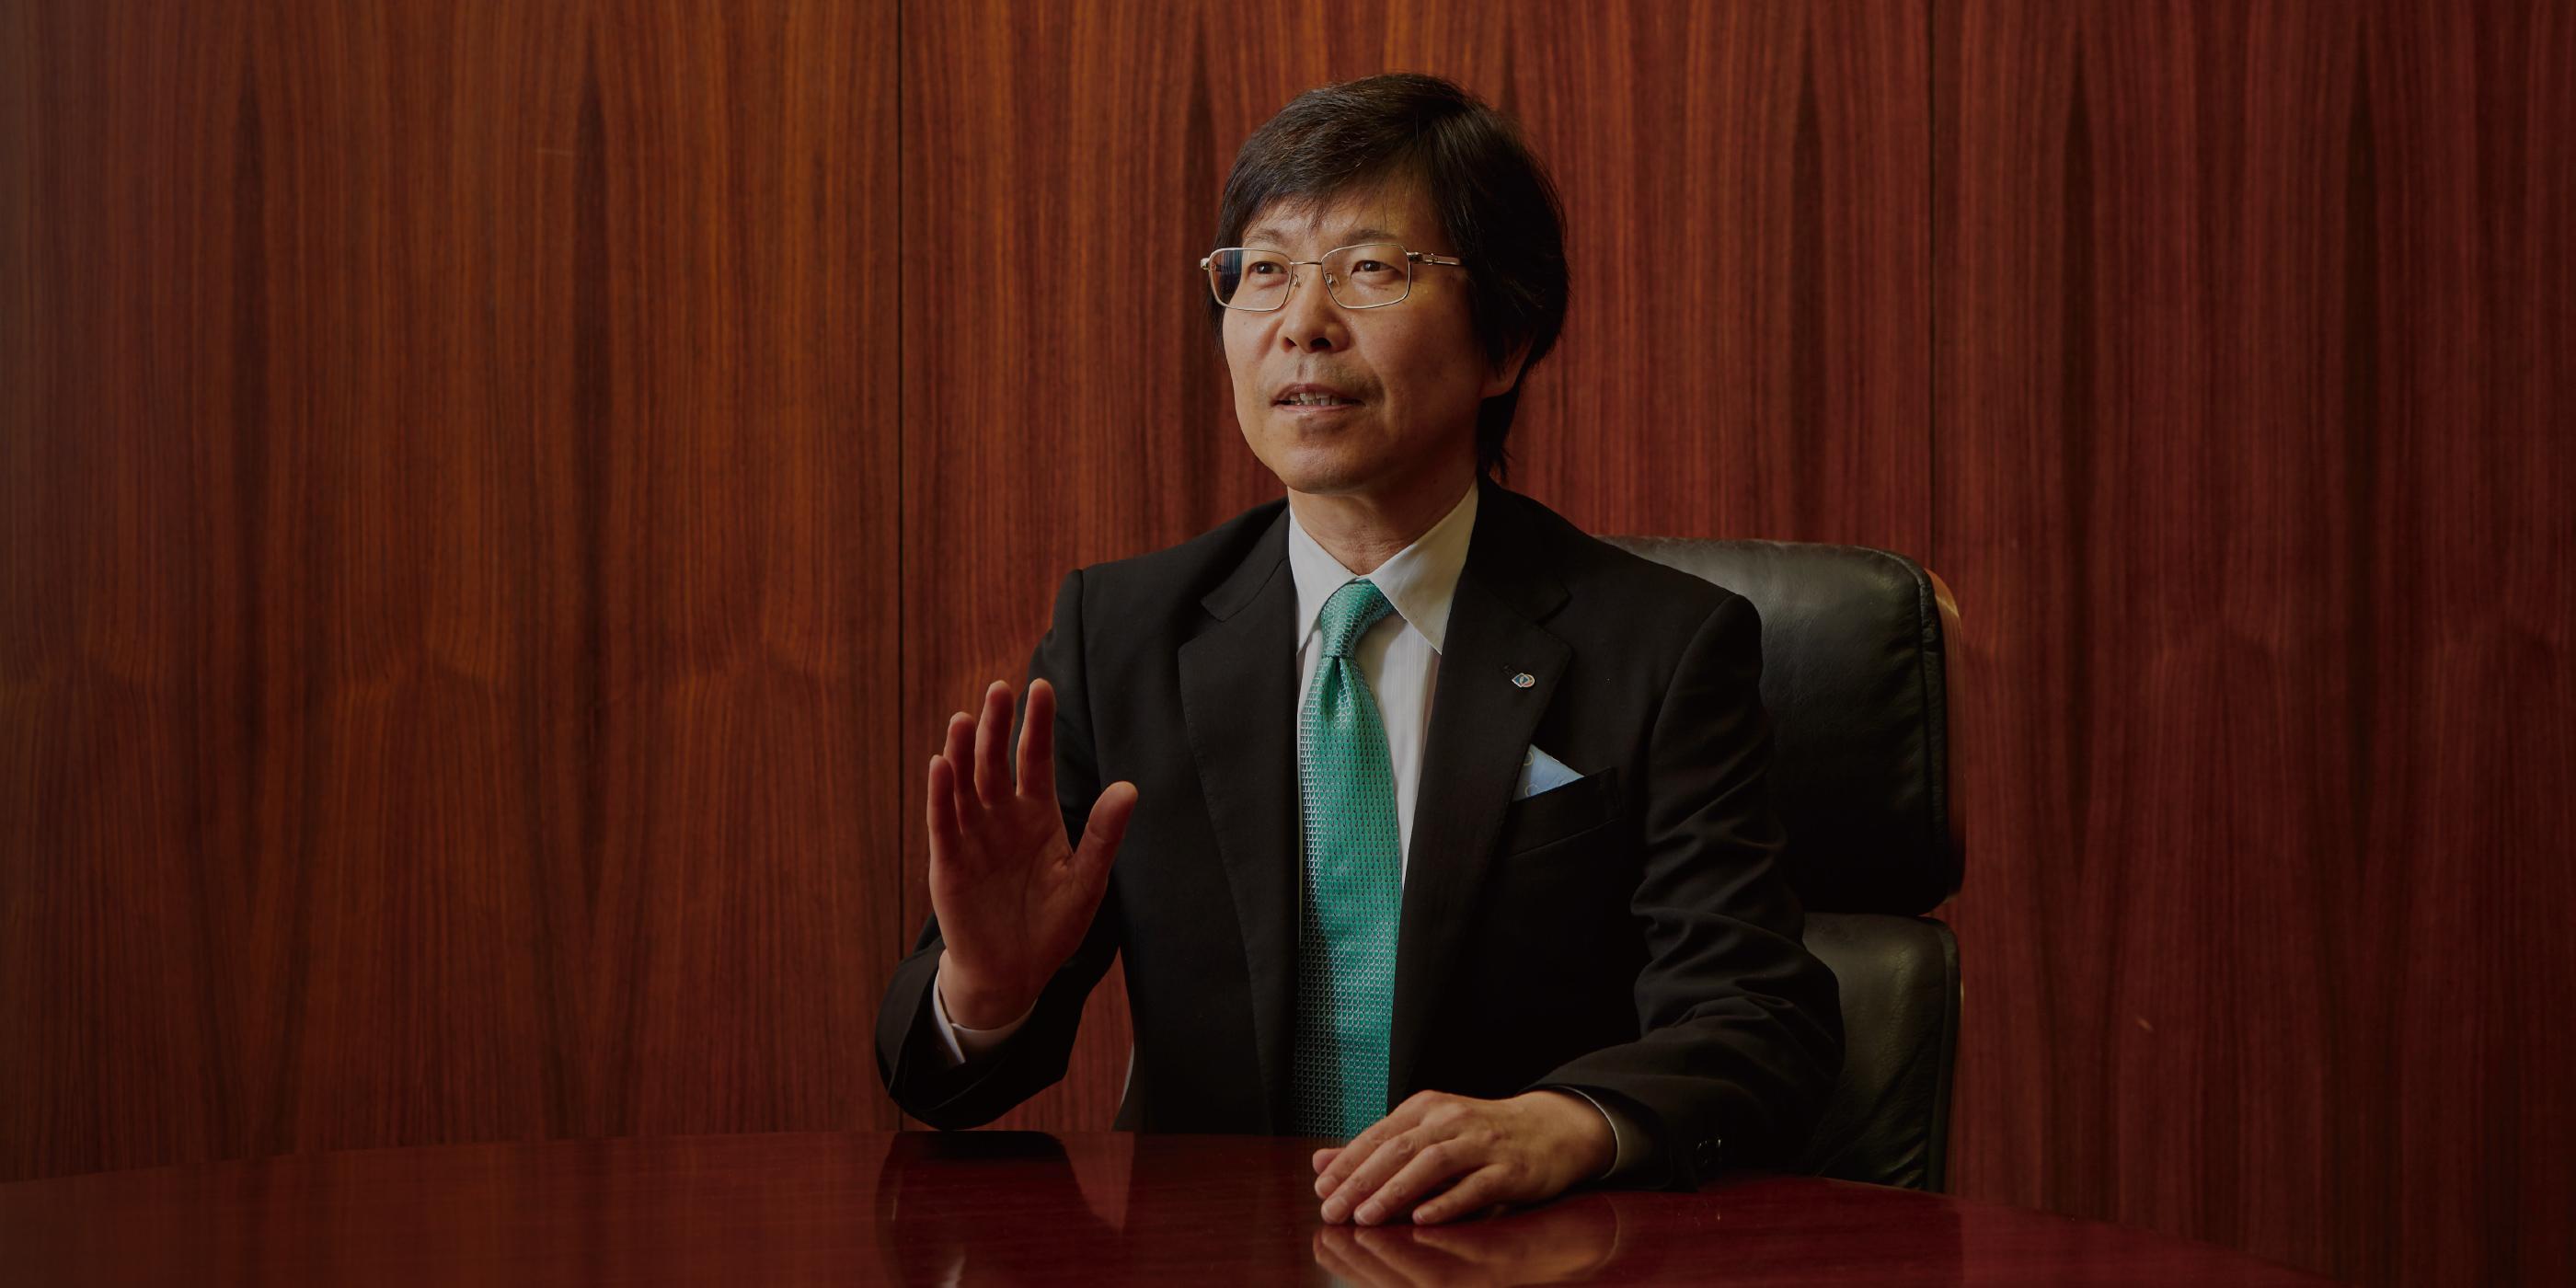 代表取締役社長 矢野 文雄